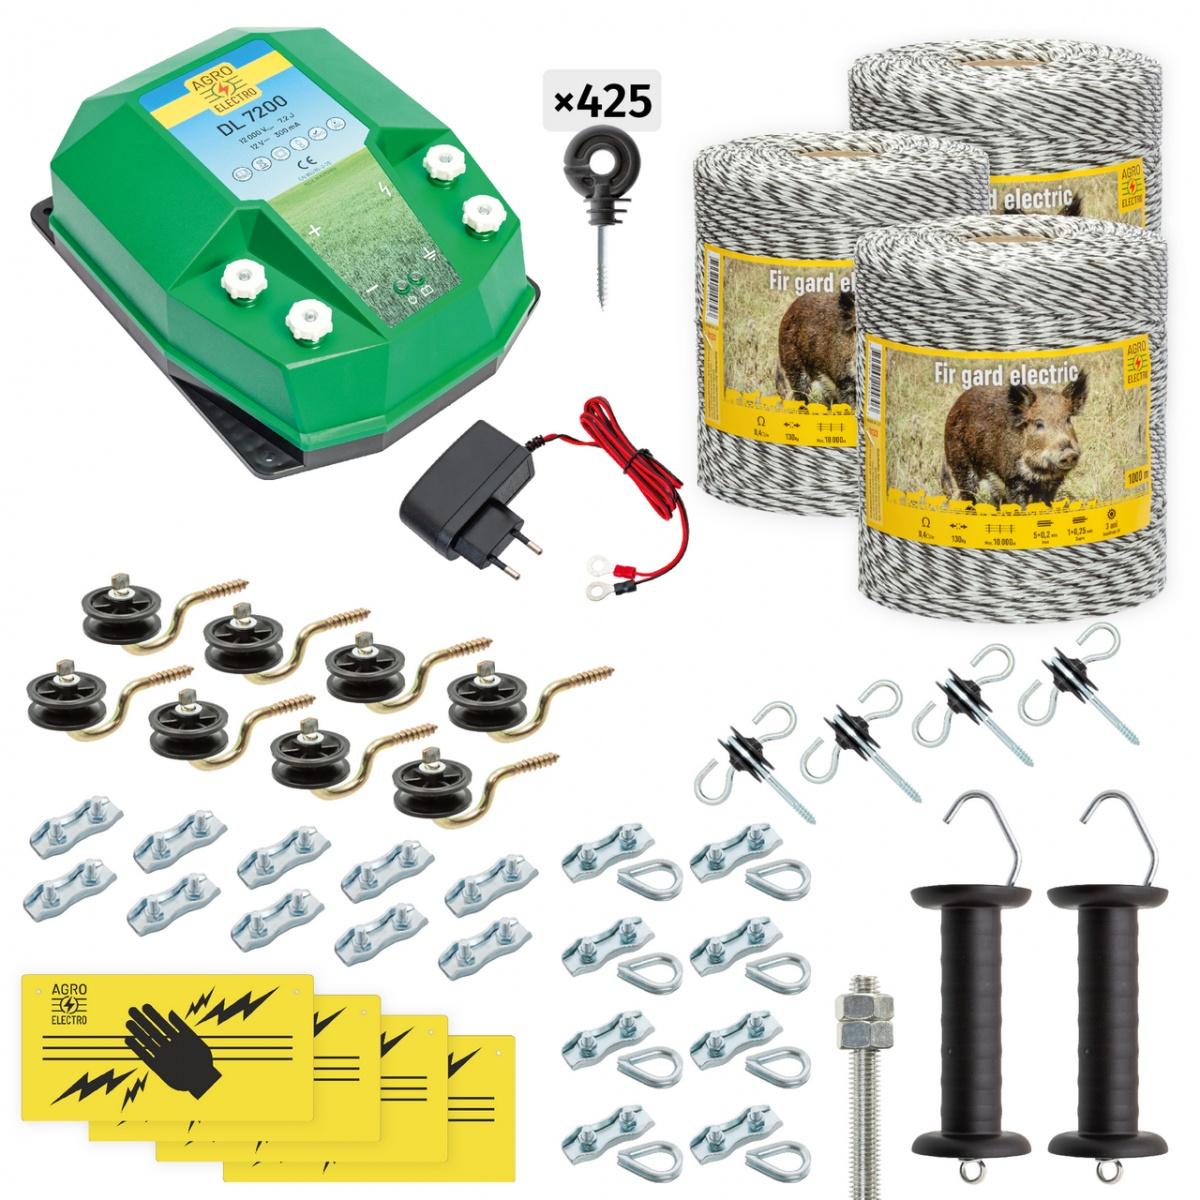 Pachet gard electric complet 3000m, 7,2Joule, 230V, pentru animale sălbatice